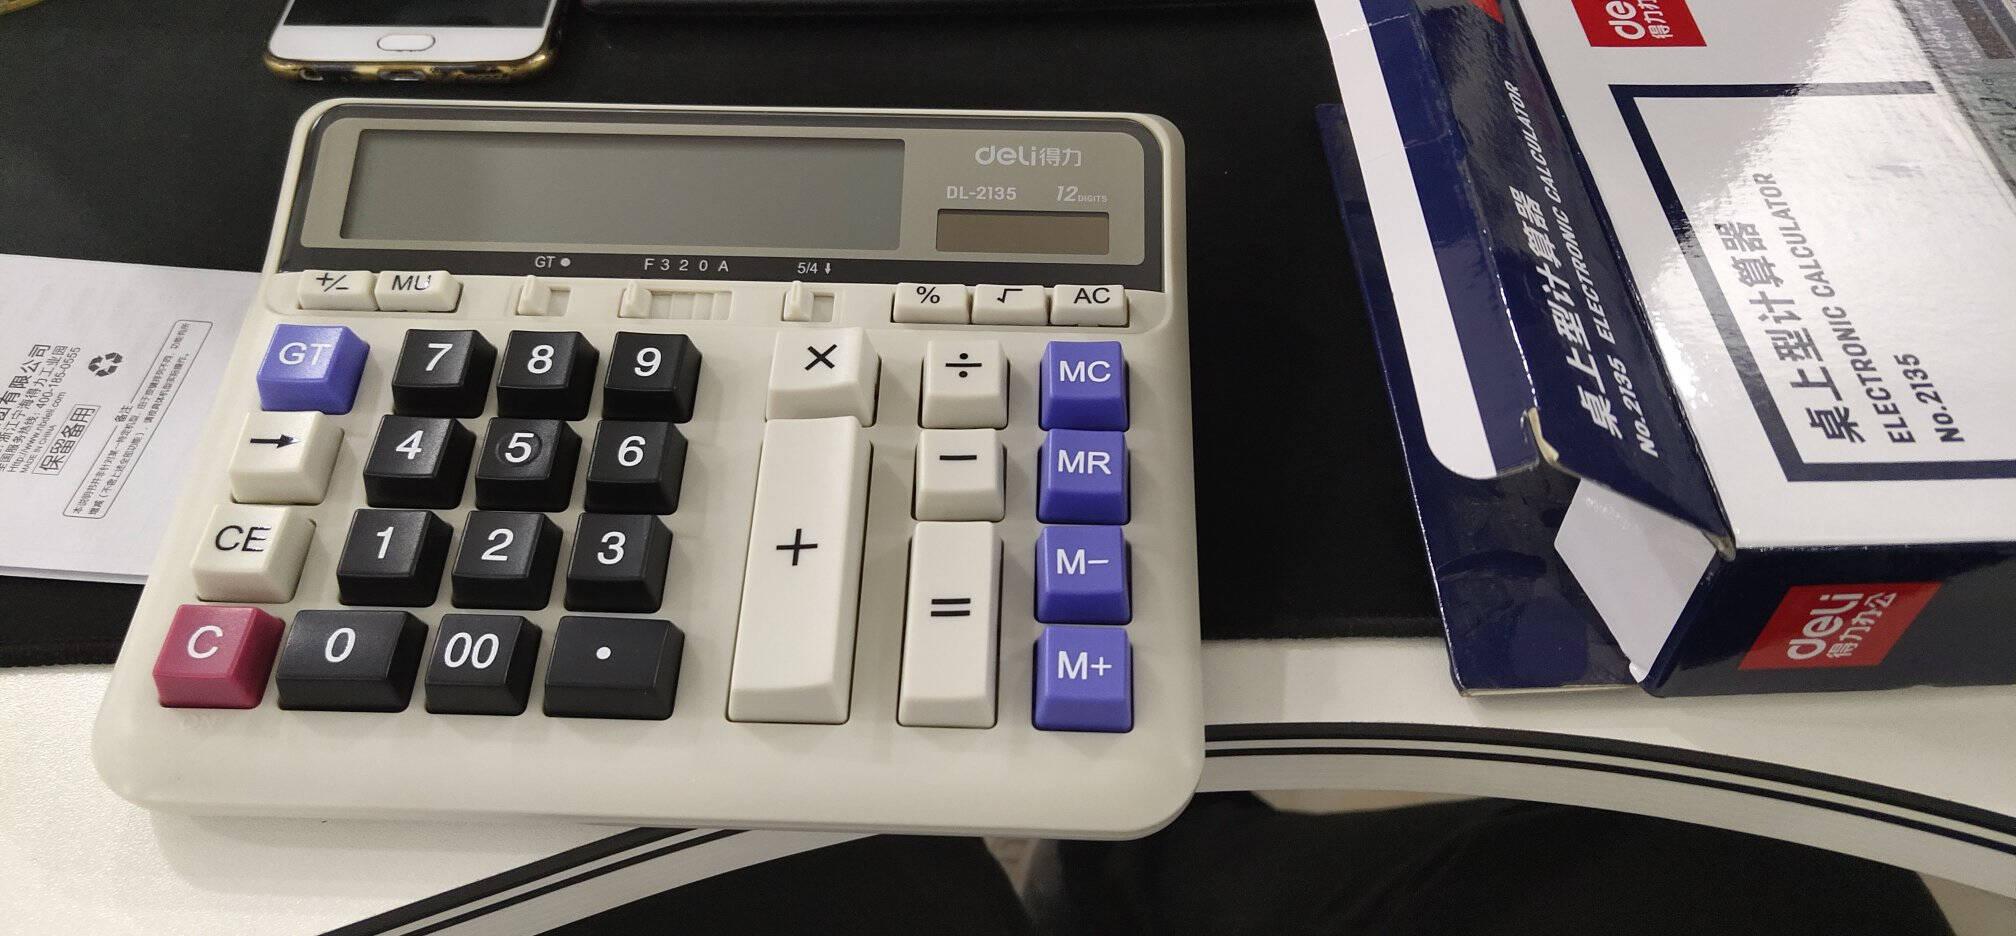 得力(deli)双电源电脑按键计算器12位大屏横式计算机财务及银行人员适用办公文具用品白色2135